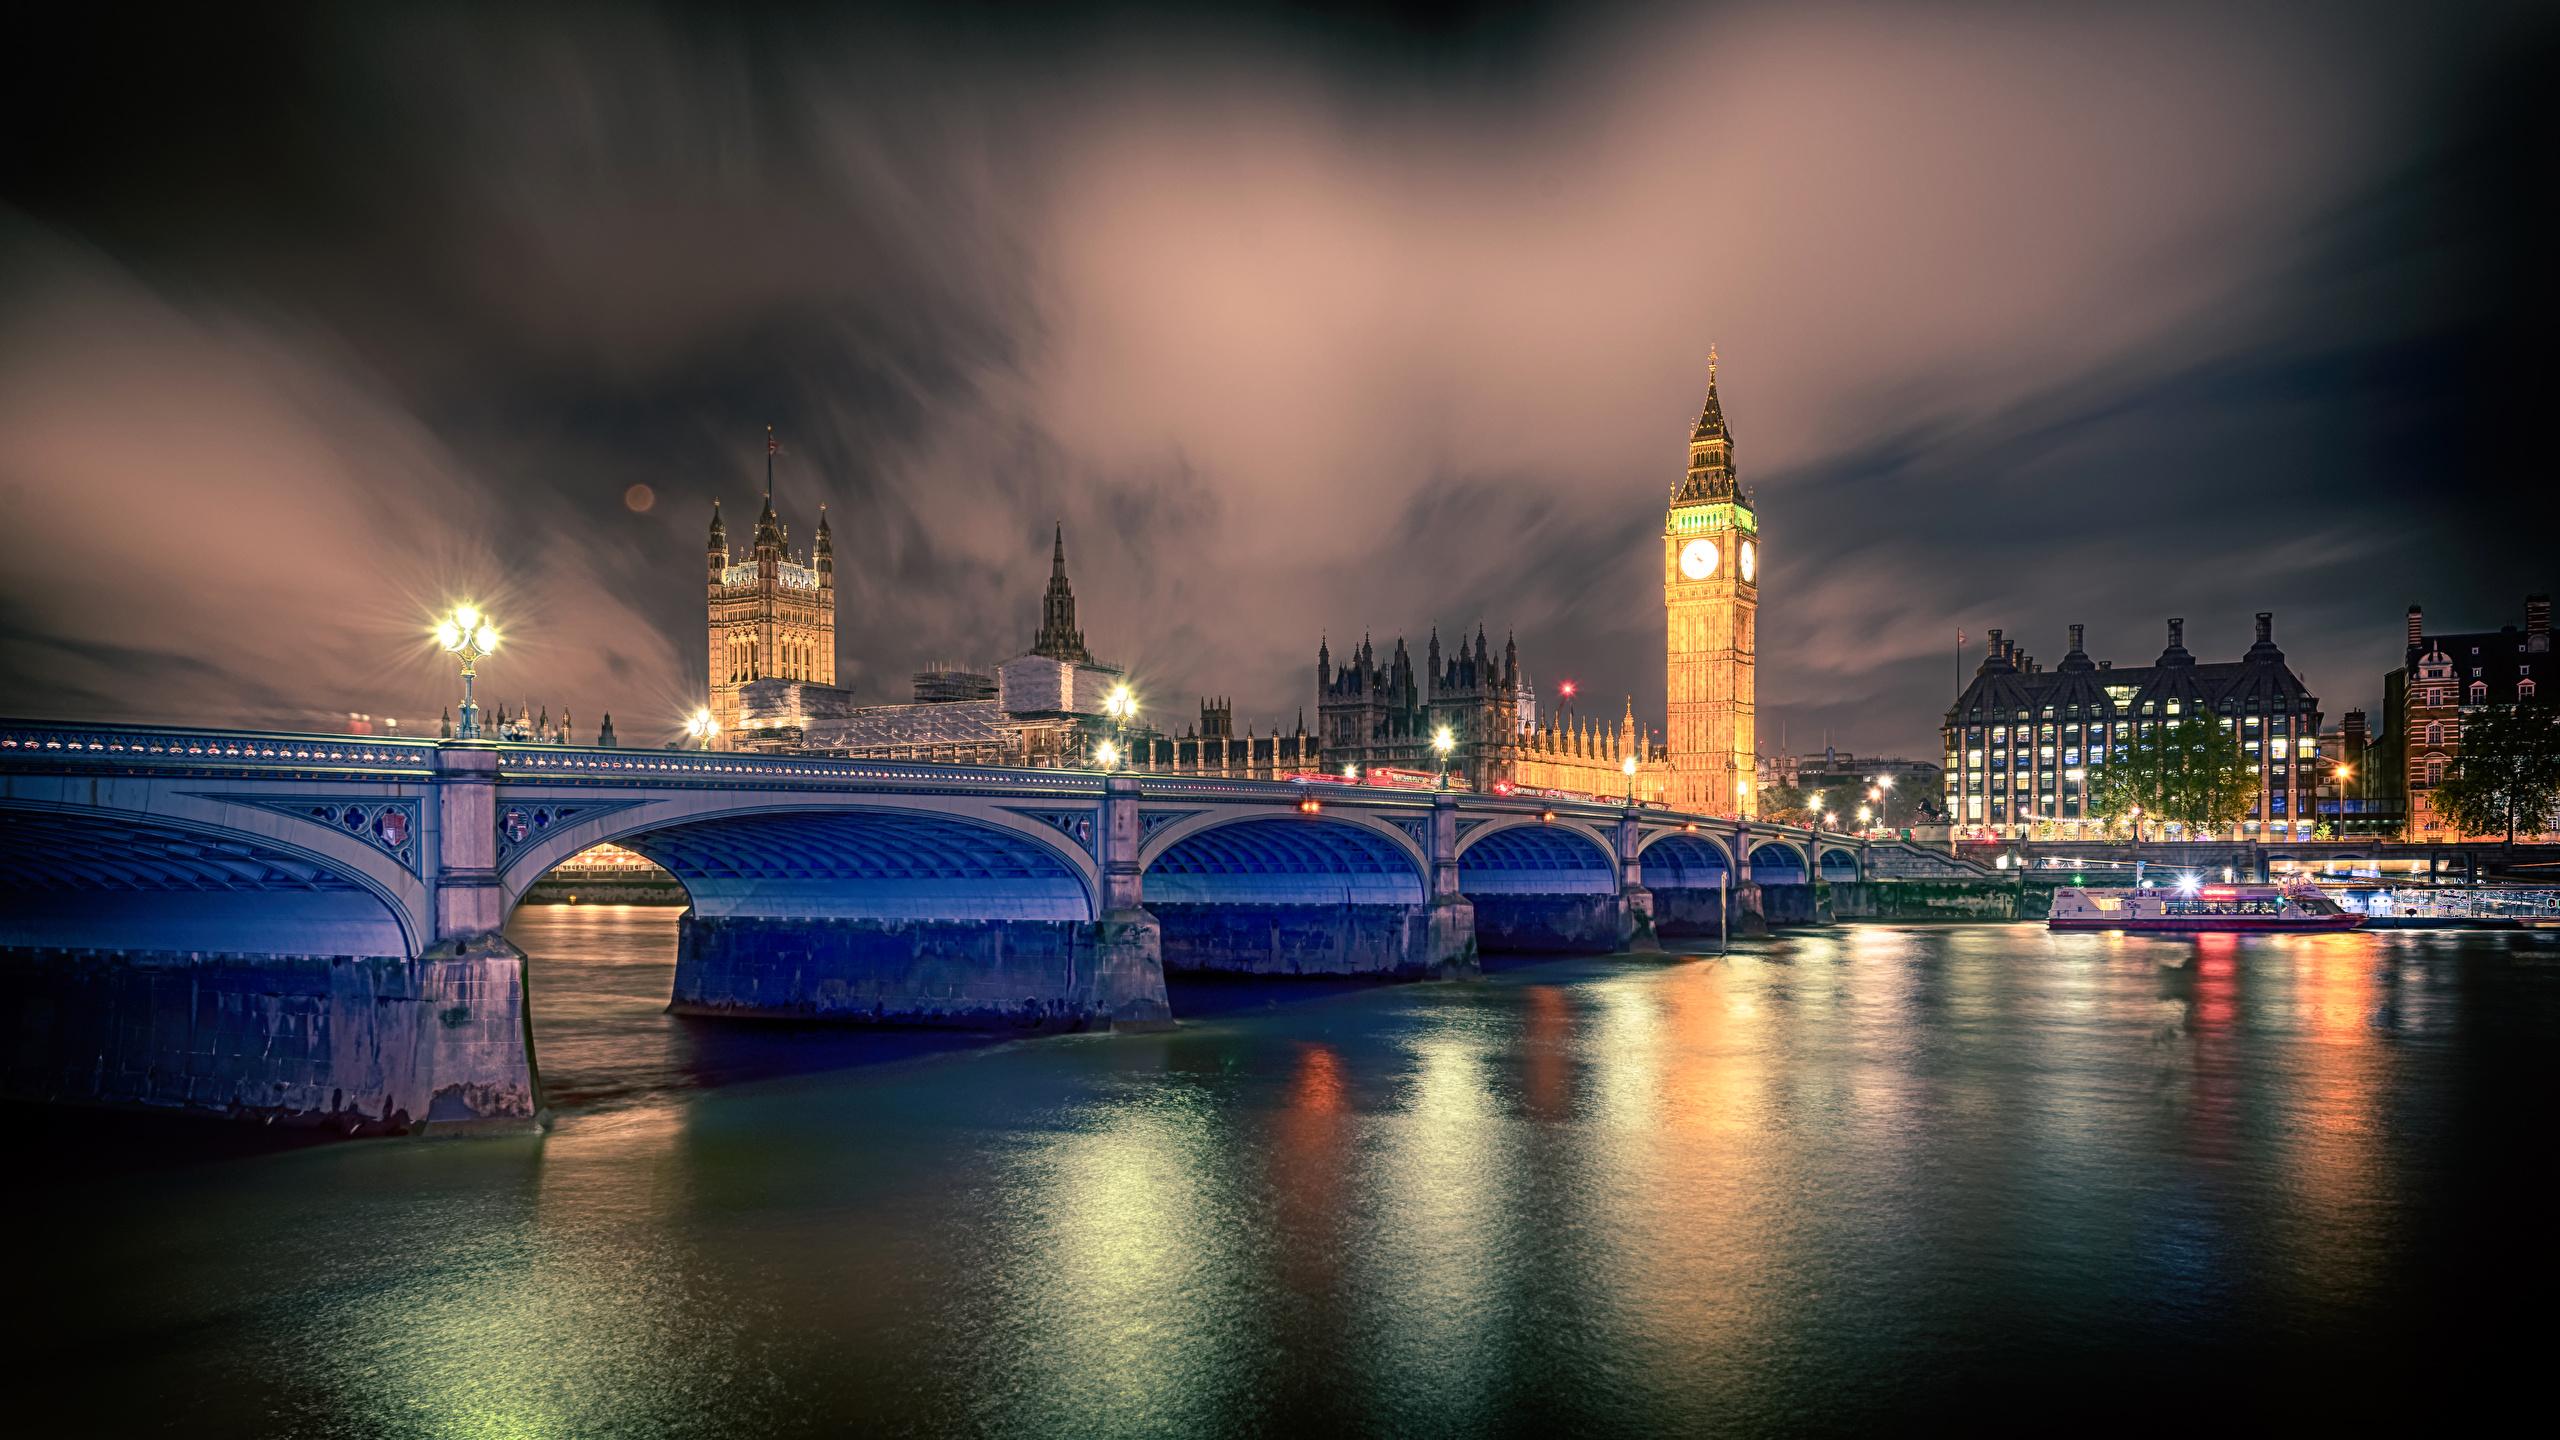 Фотография Биг-Бен лондоне Великобритания Мосты река ночью Уличные фонари город 2560x1440 Лондон мост Ночь Реки речка в ночи Ночные Города